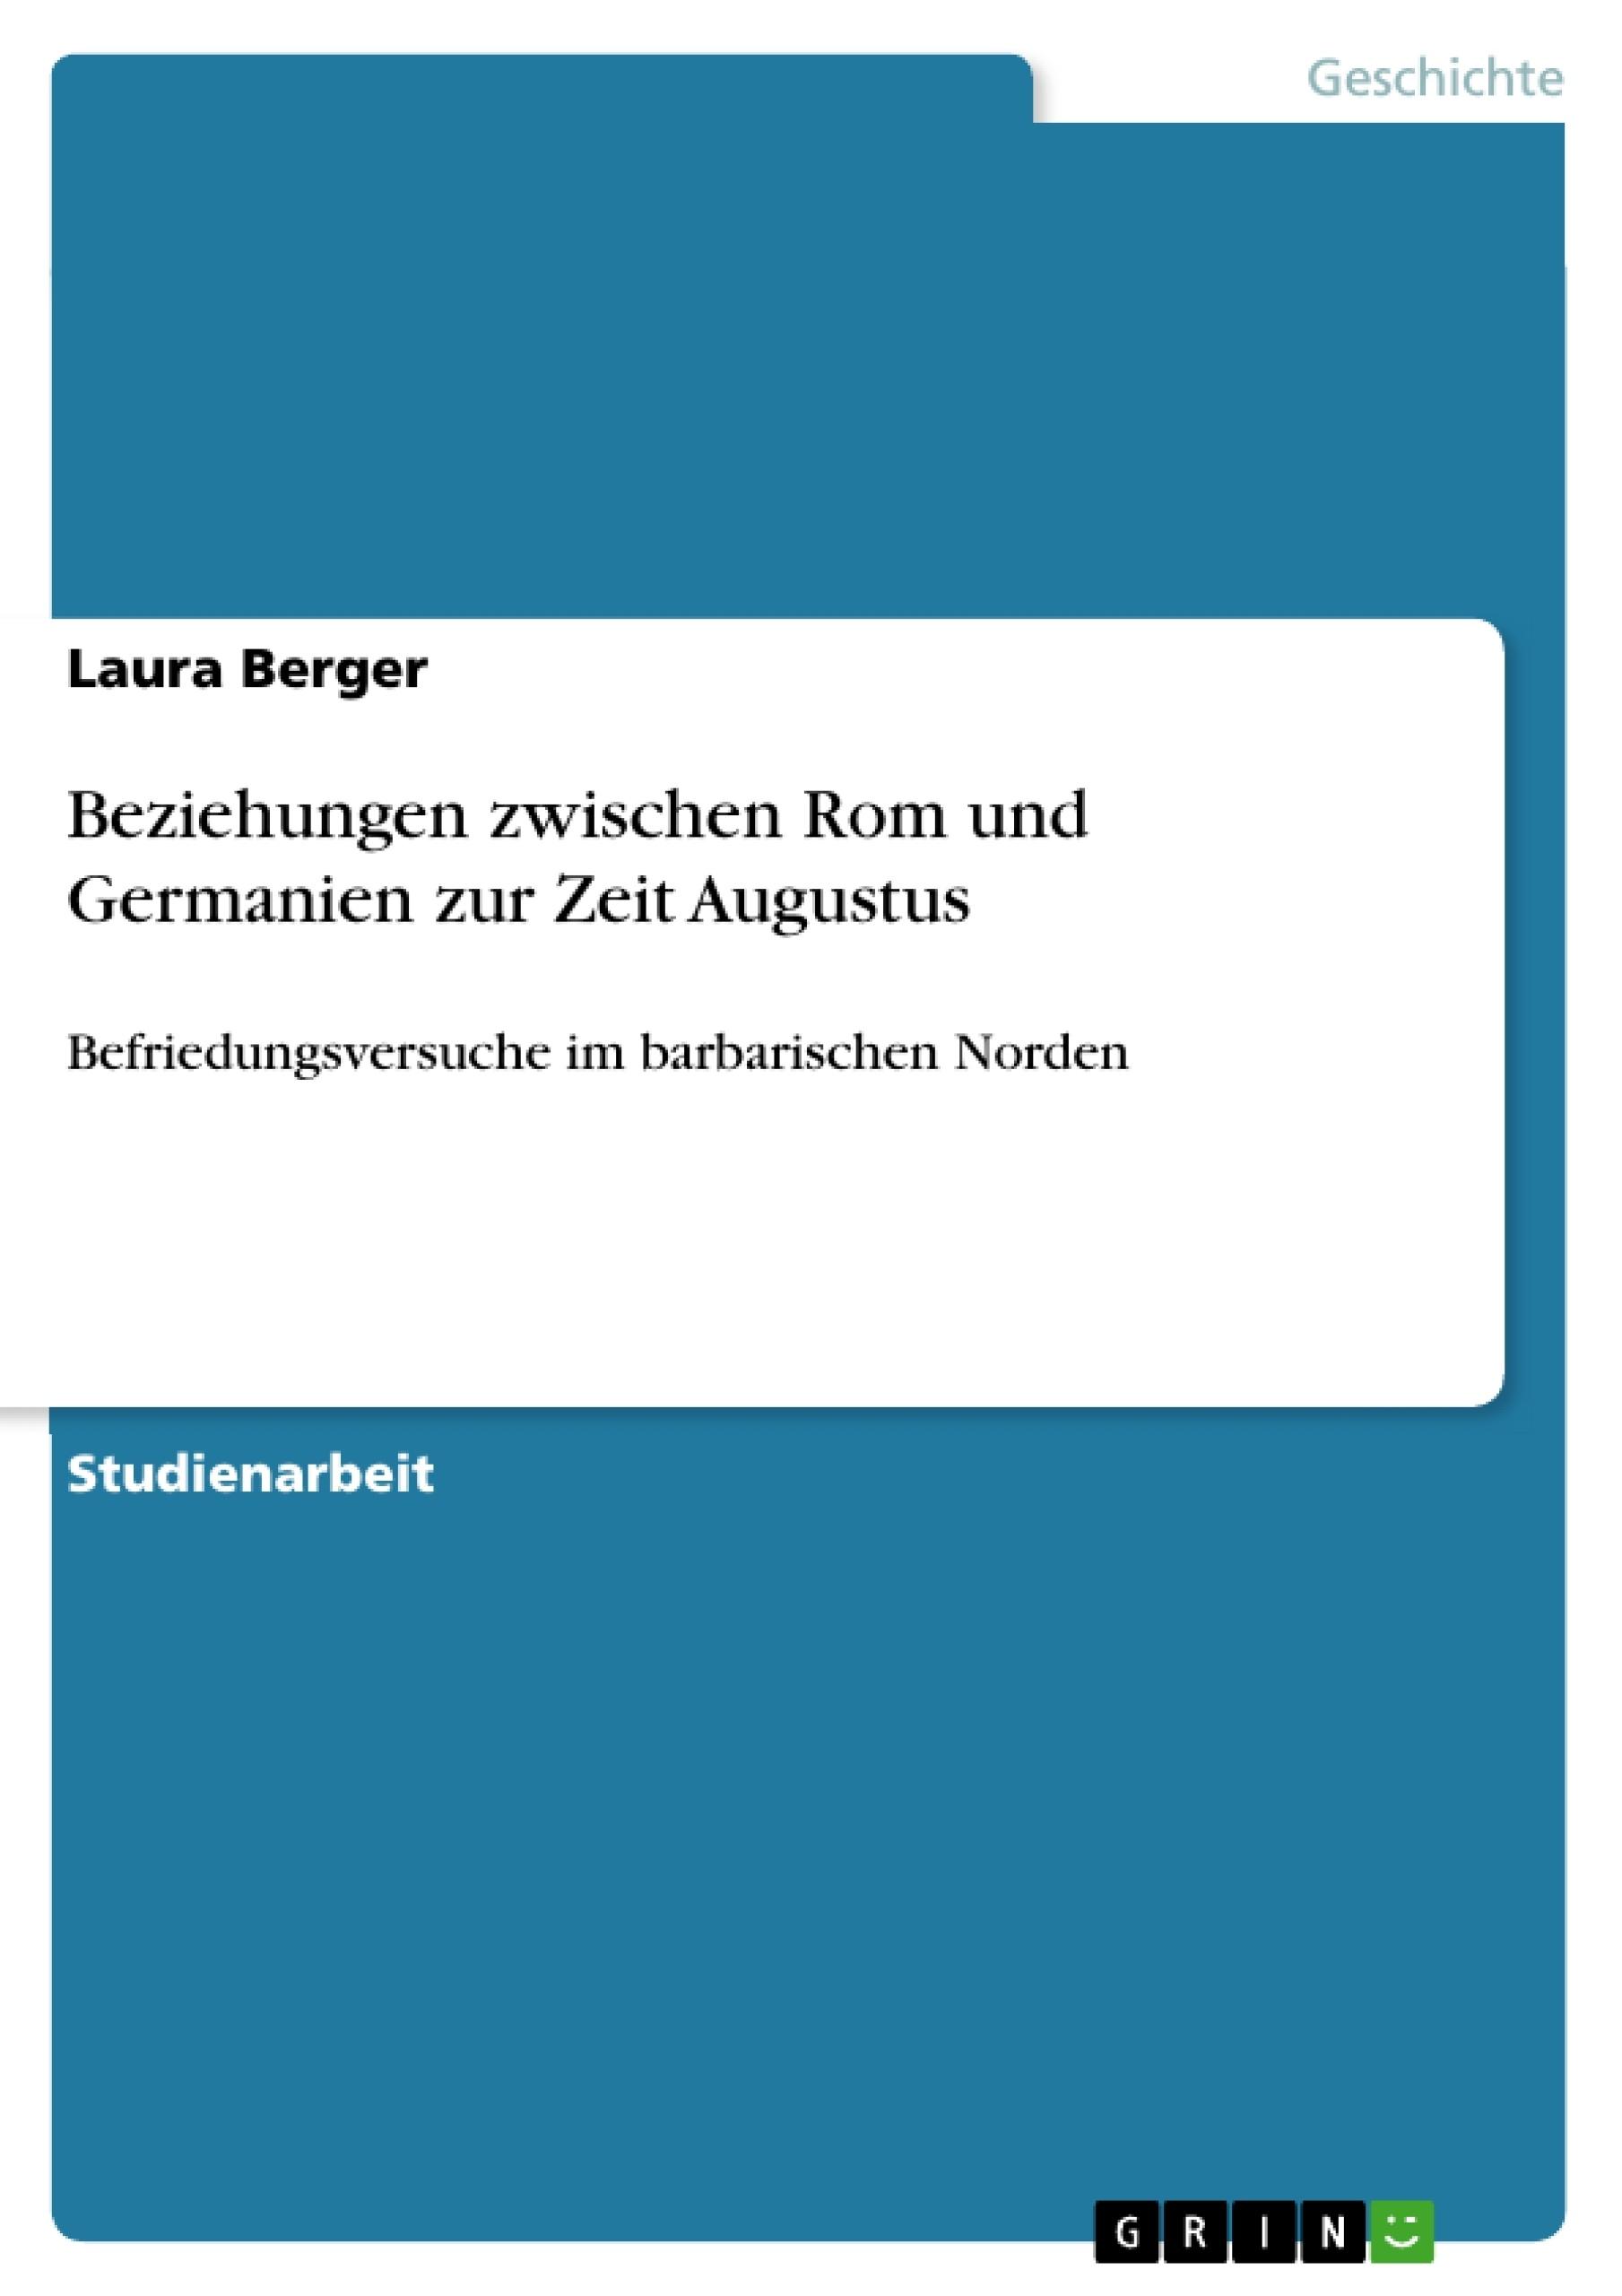 Titel: Beziehungen zwischen Rom und Germanien zur Zeit Augustus